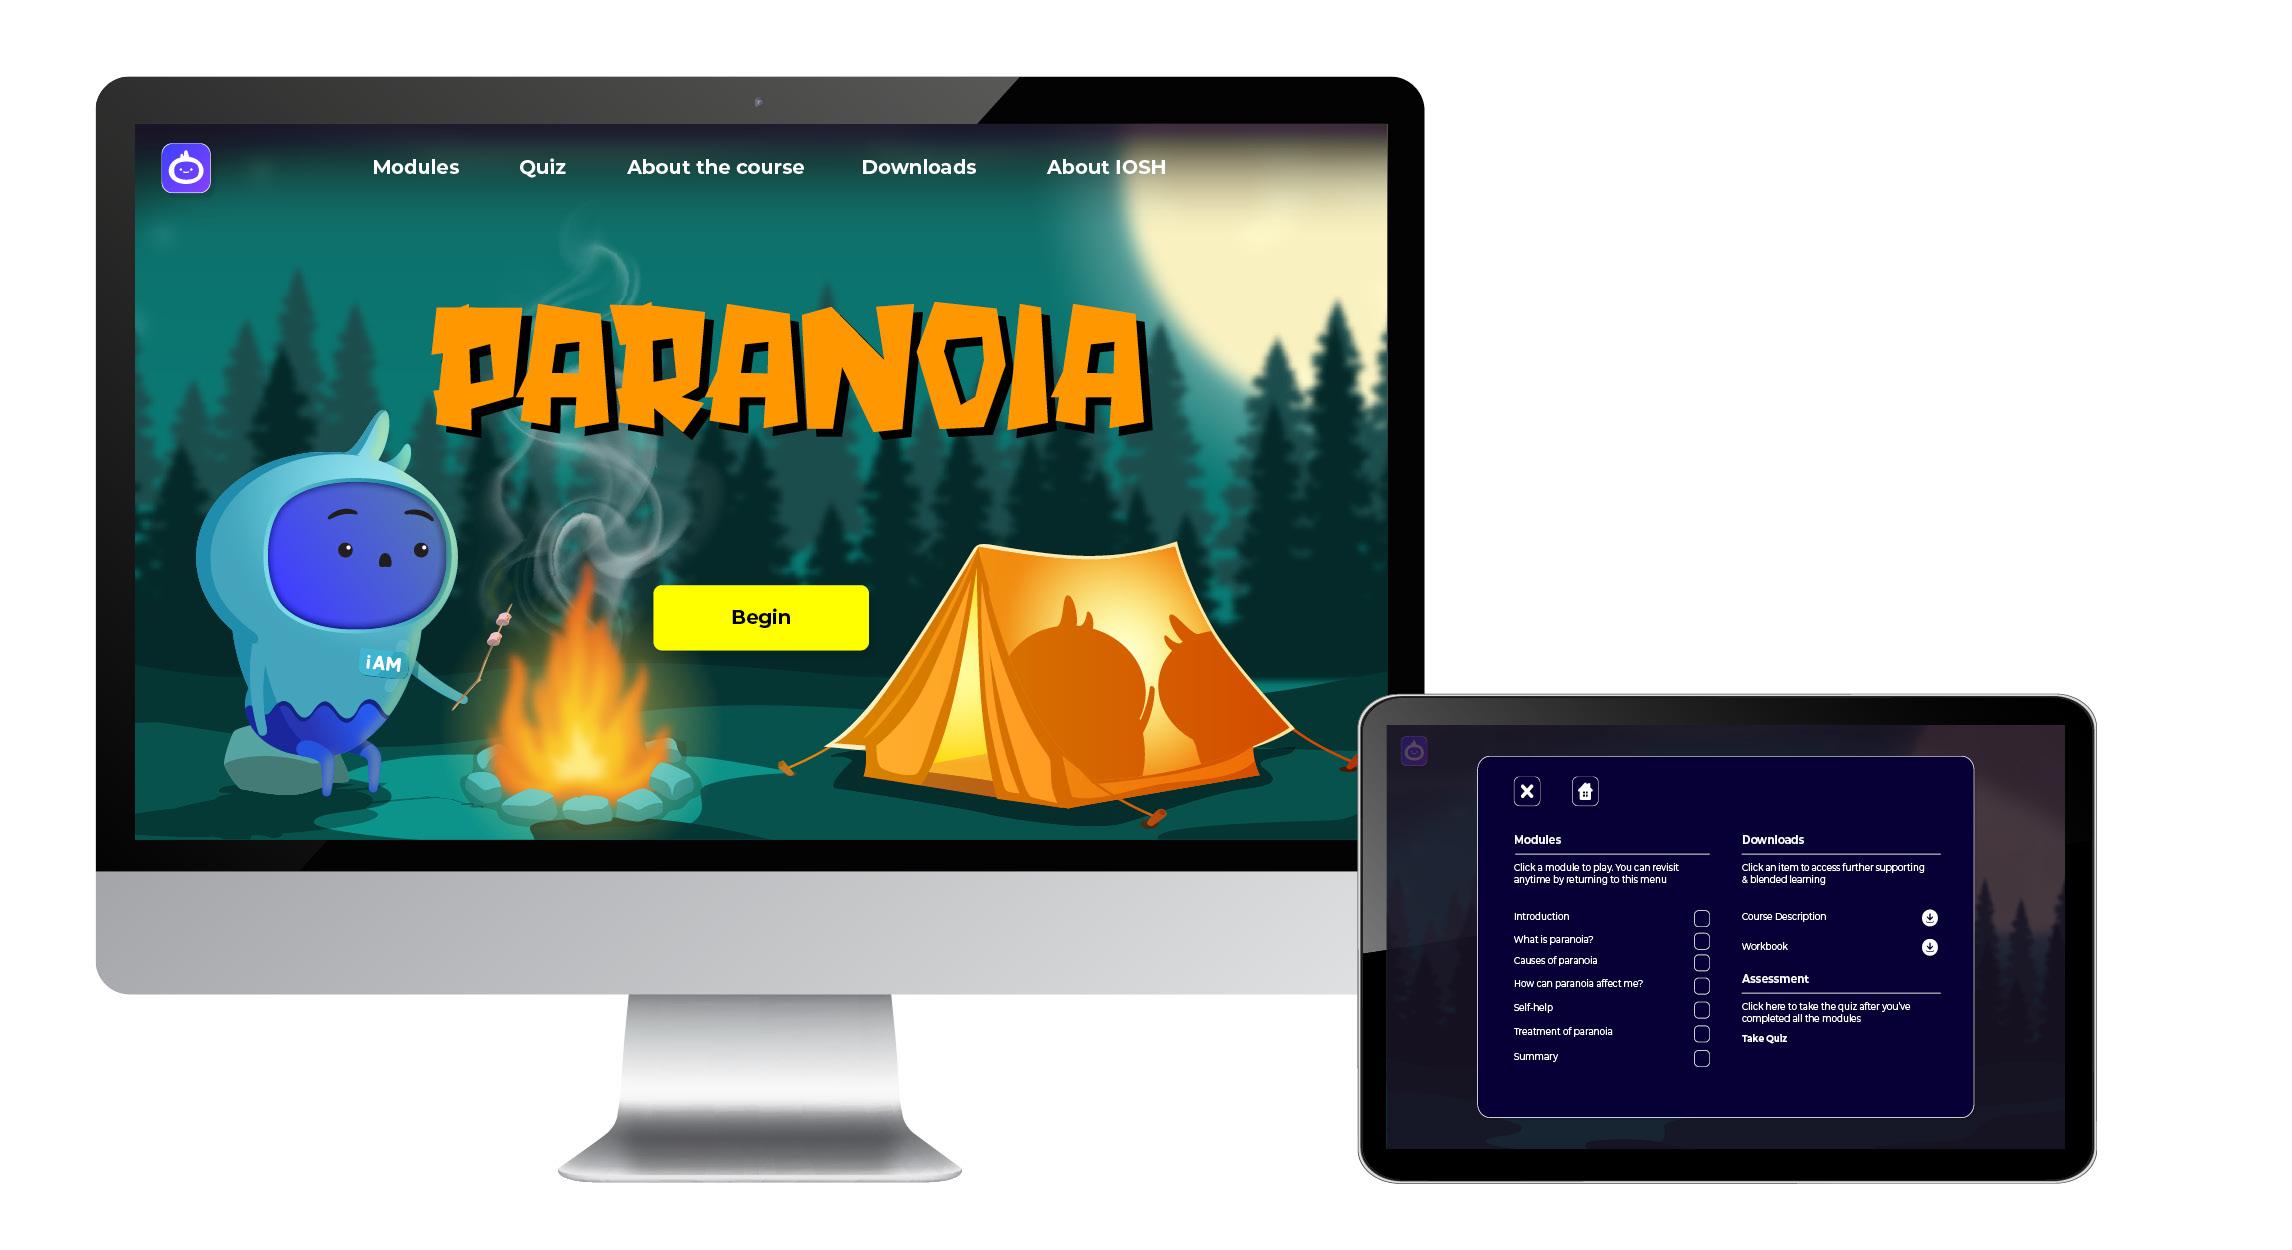 iAM 00009 Paranoia - Landing Page7